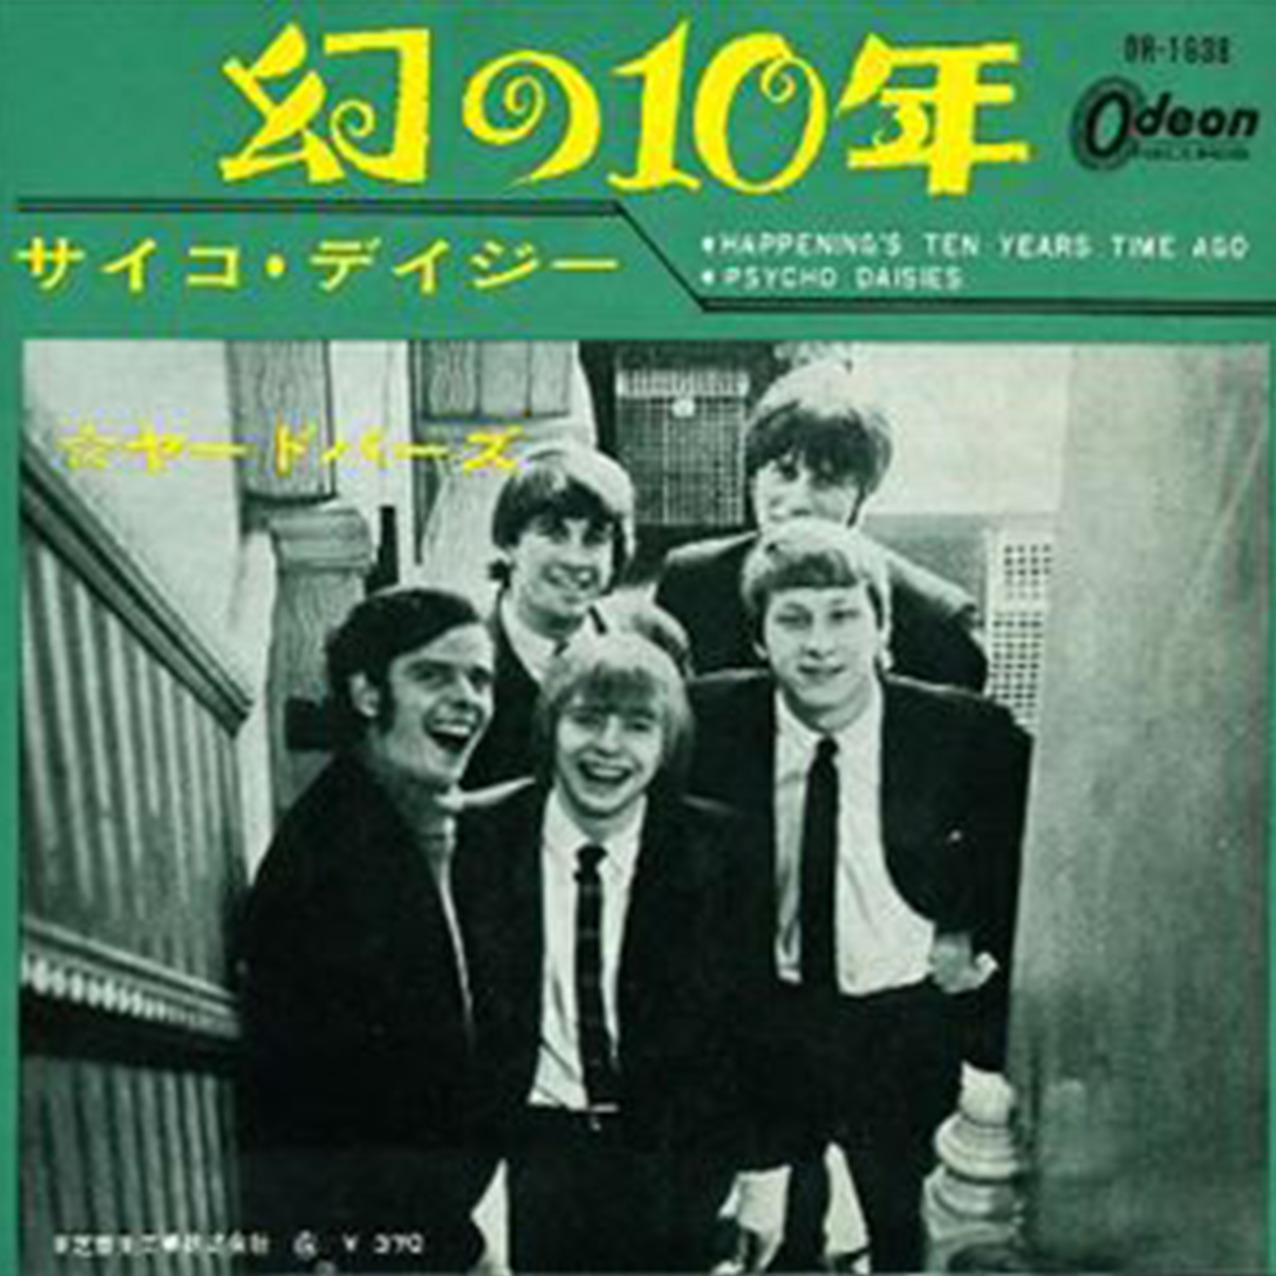 レコード買取専門店「TU-Field」では、ヤードバーズ『幻の10年』のレコードを高価買取しております